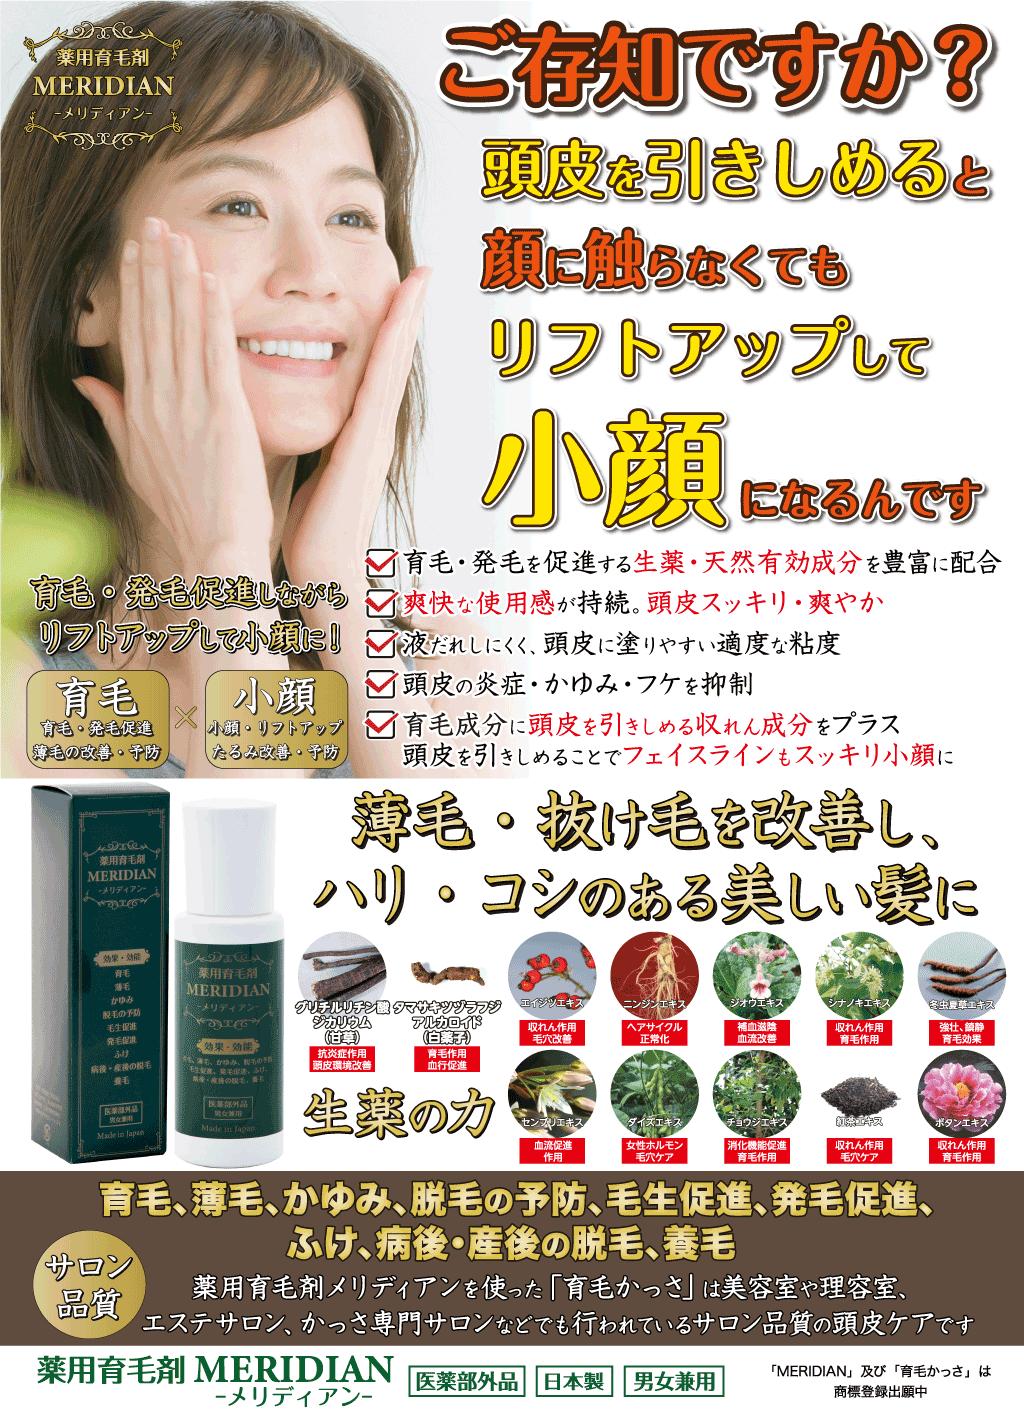 育毛かっさ用の薬用育毛剤メリディアン(医薬部外品)